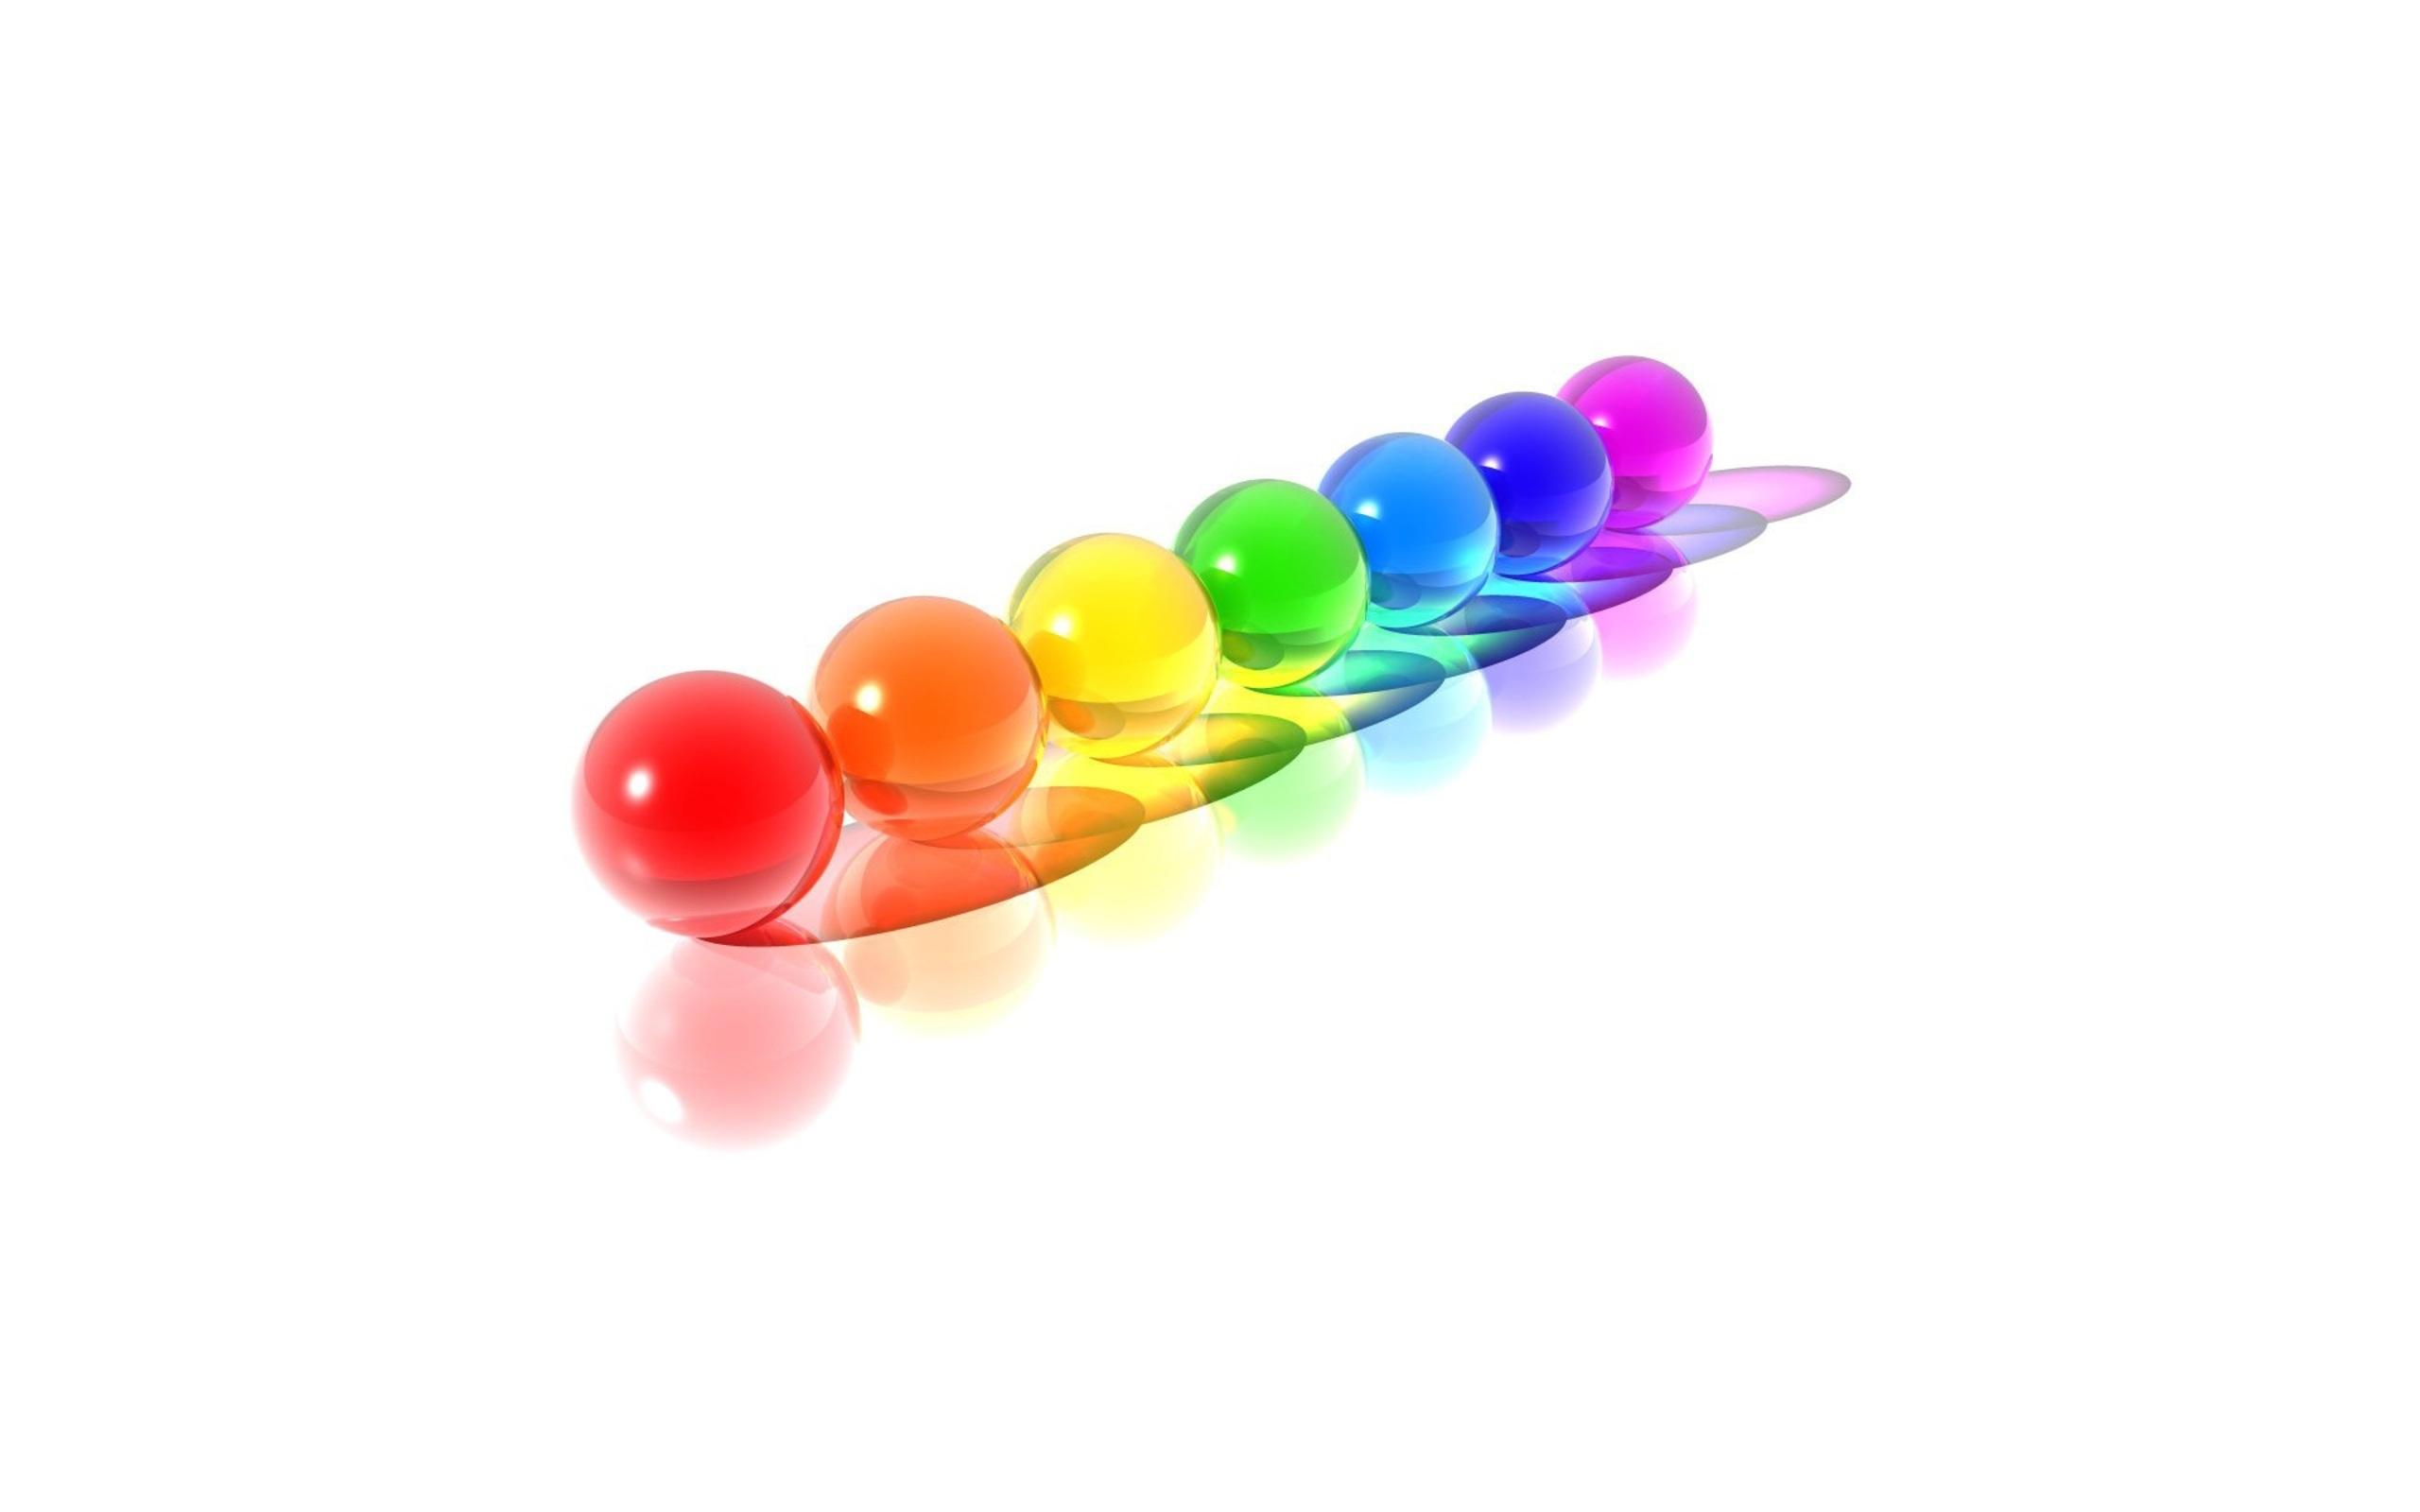 Шары круги цветные  № 3676370 бесплатно